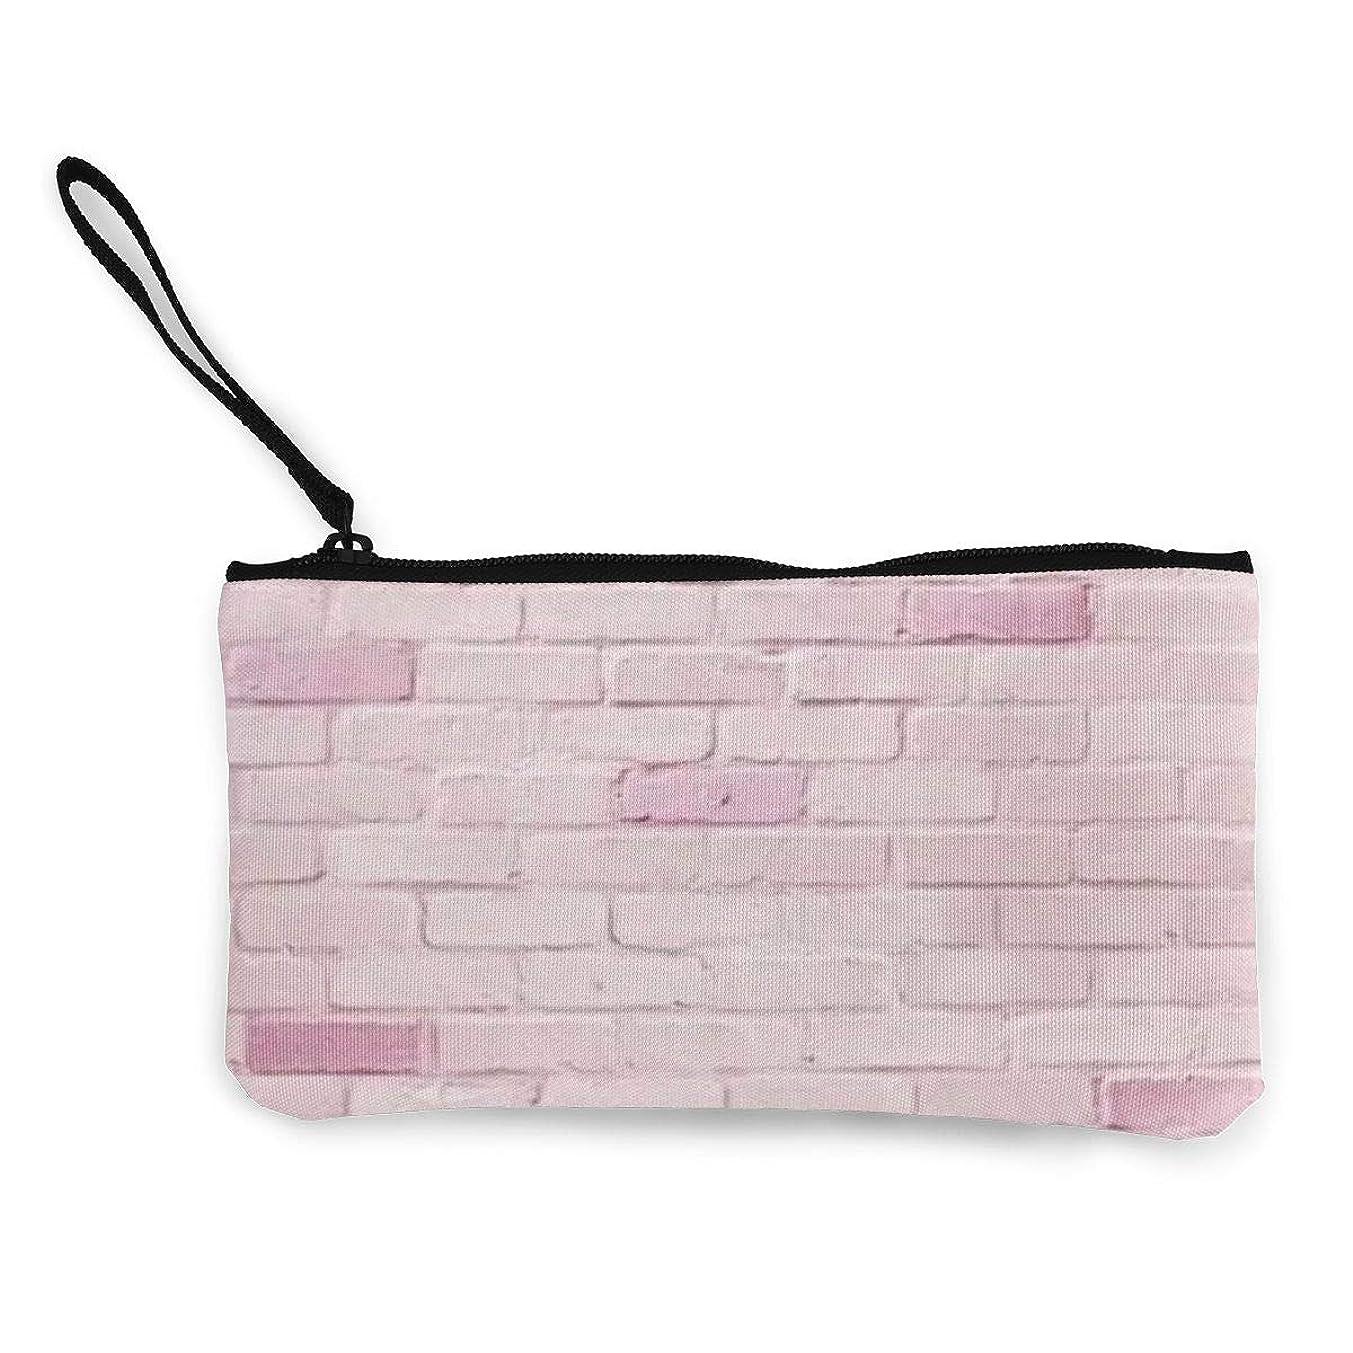 札入れストレンジャー衣服ErmiCo レディース 小銭入れ キャンバス財布 ピンクの壁 小遣い財布 財布 鍵 小物 充電器 収納 長財布 ファスナー付き 22×12cm